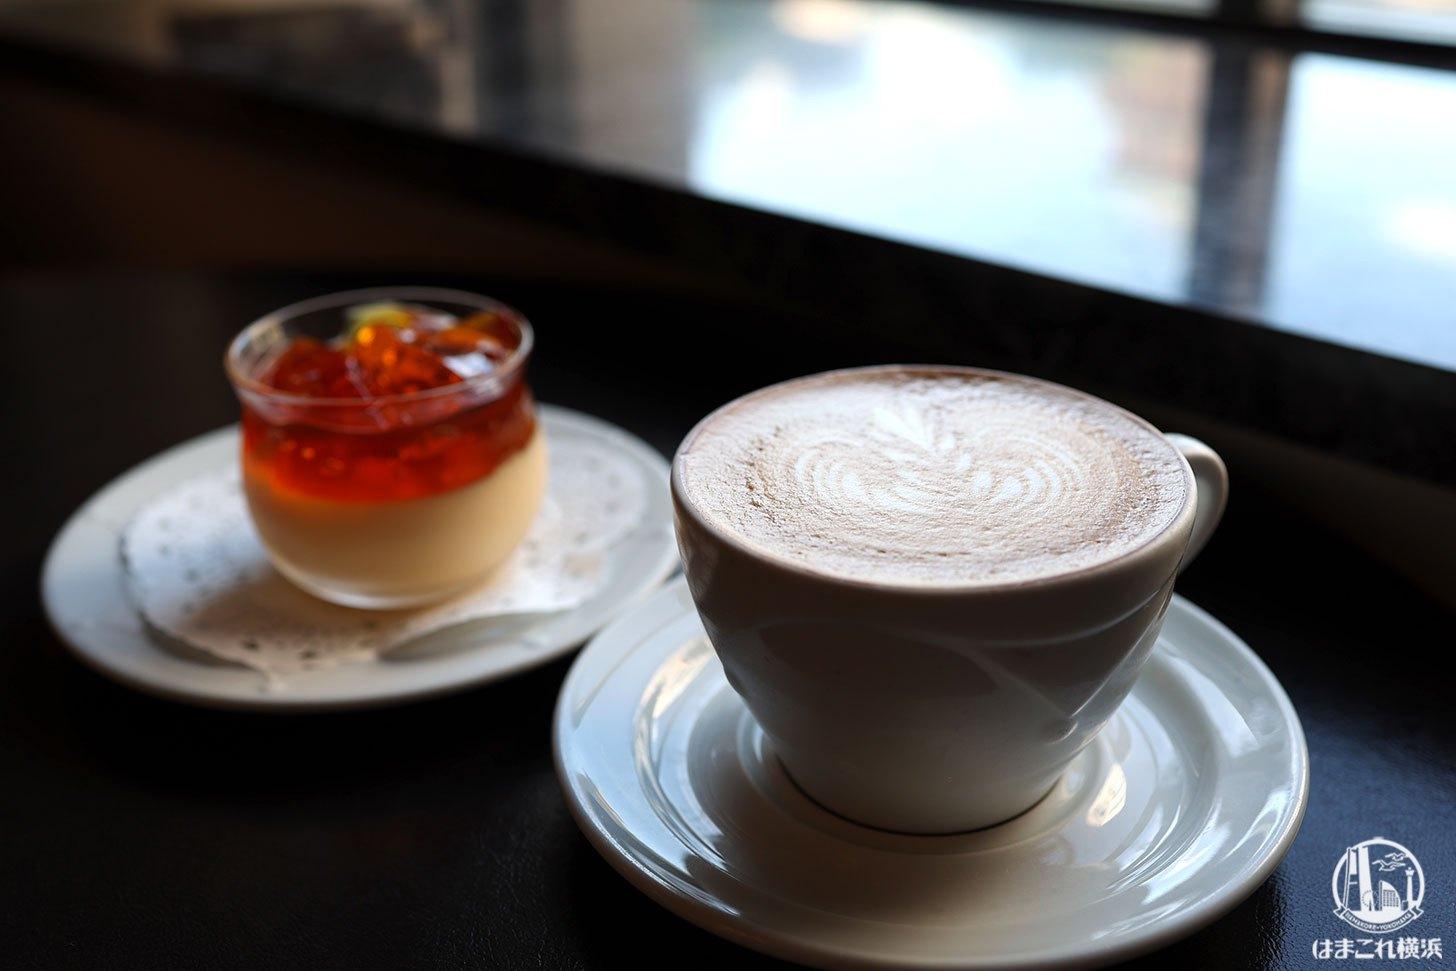 モンプディングとカフェクレーム